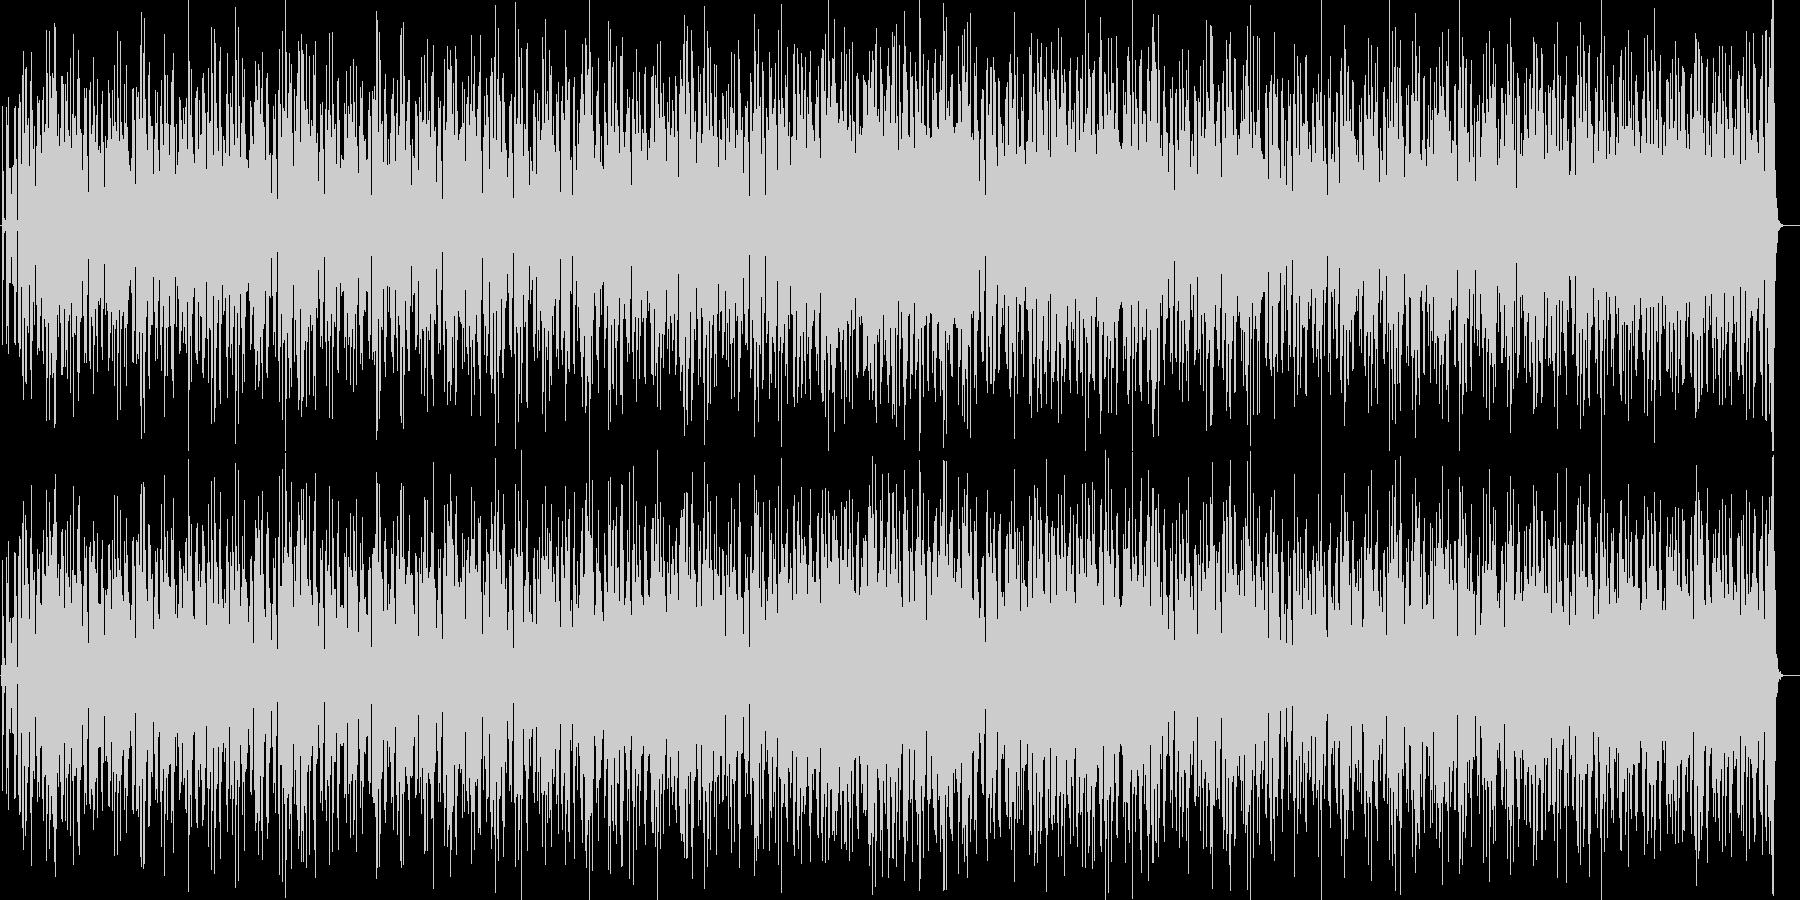 70s電化マイルス風ジャズファンクロックの未再生の波形